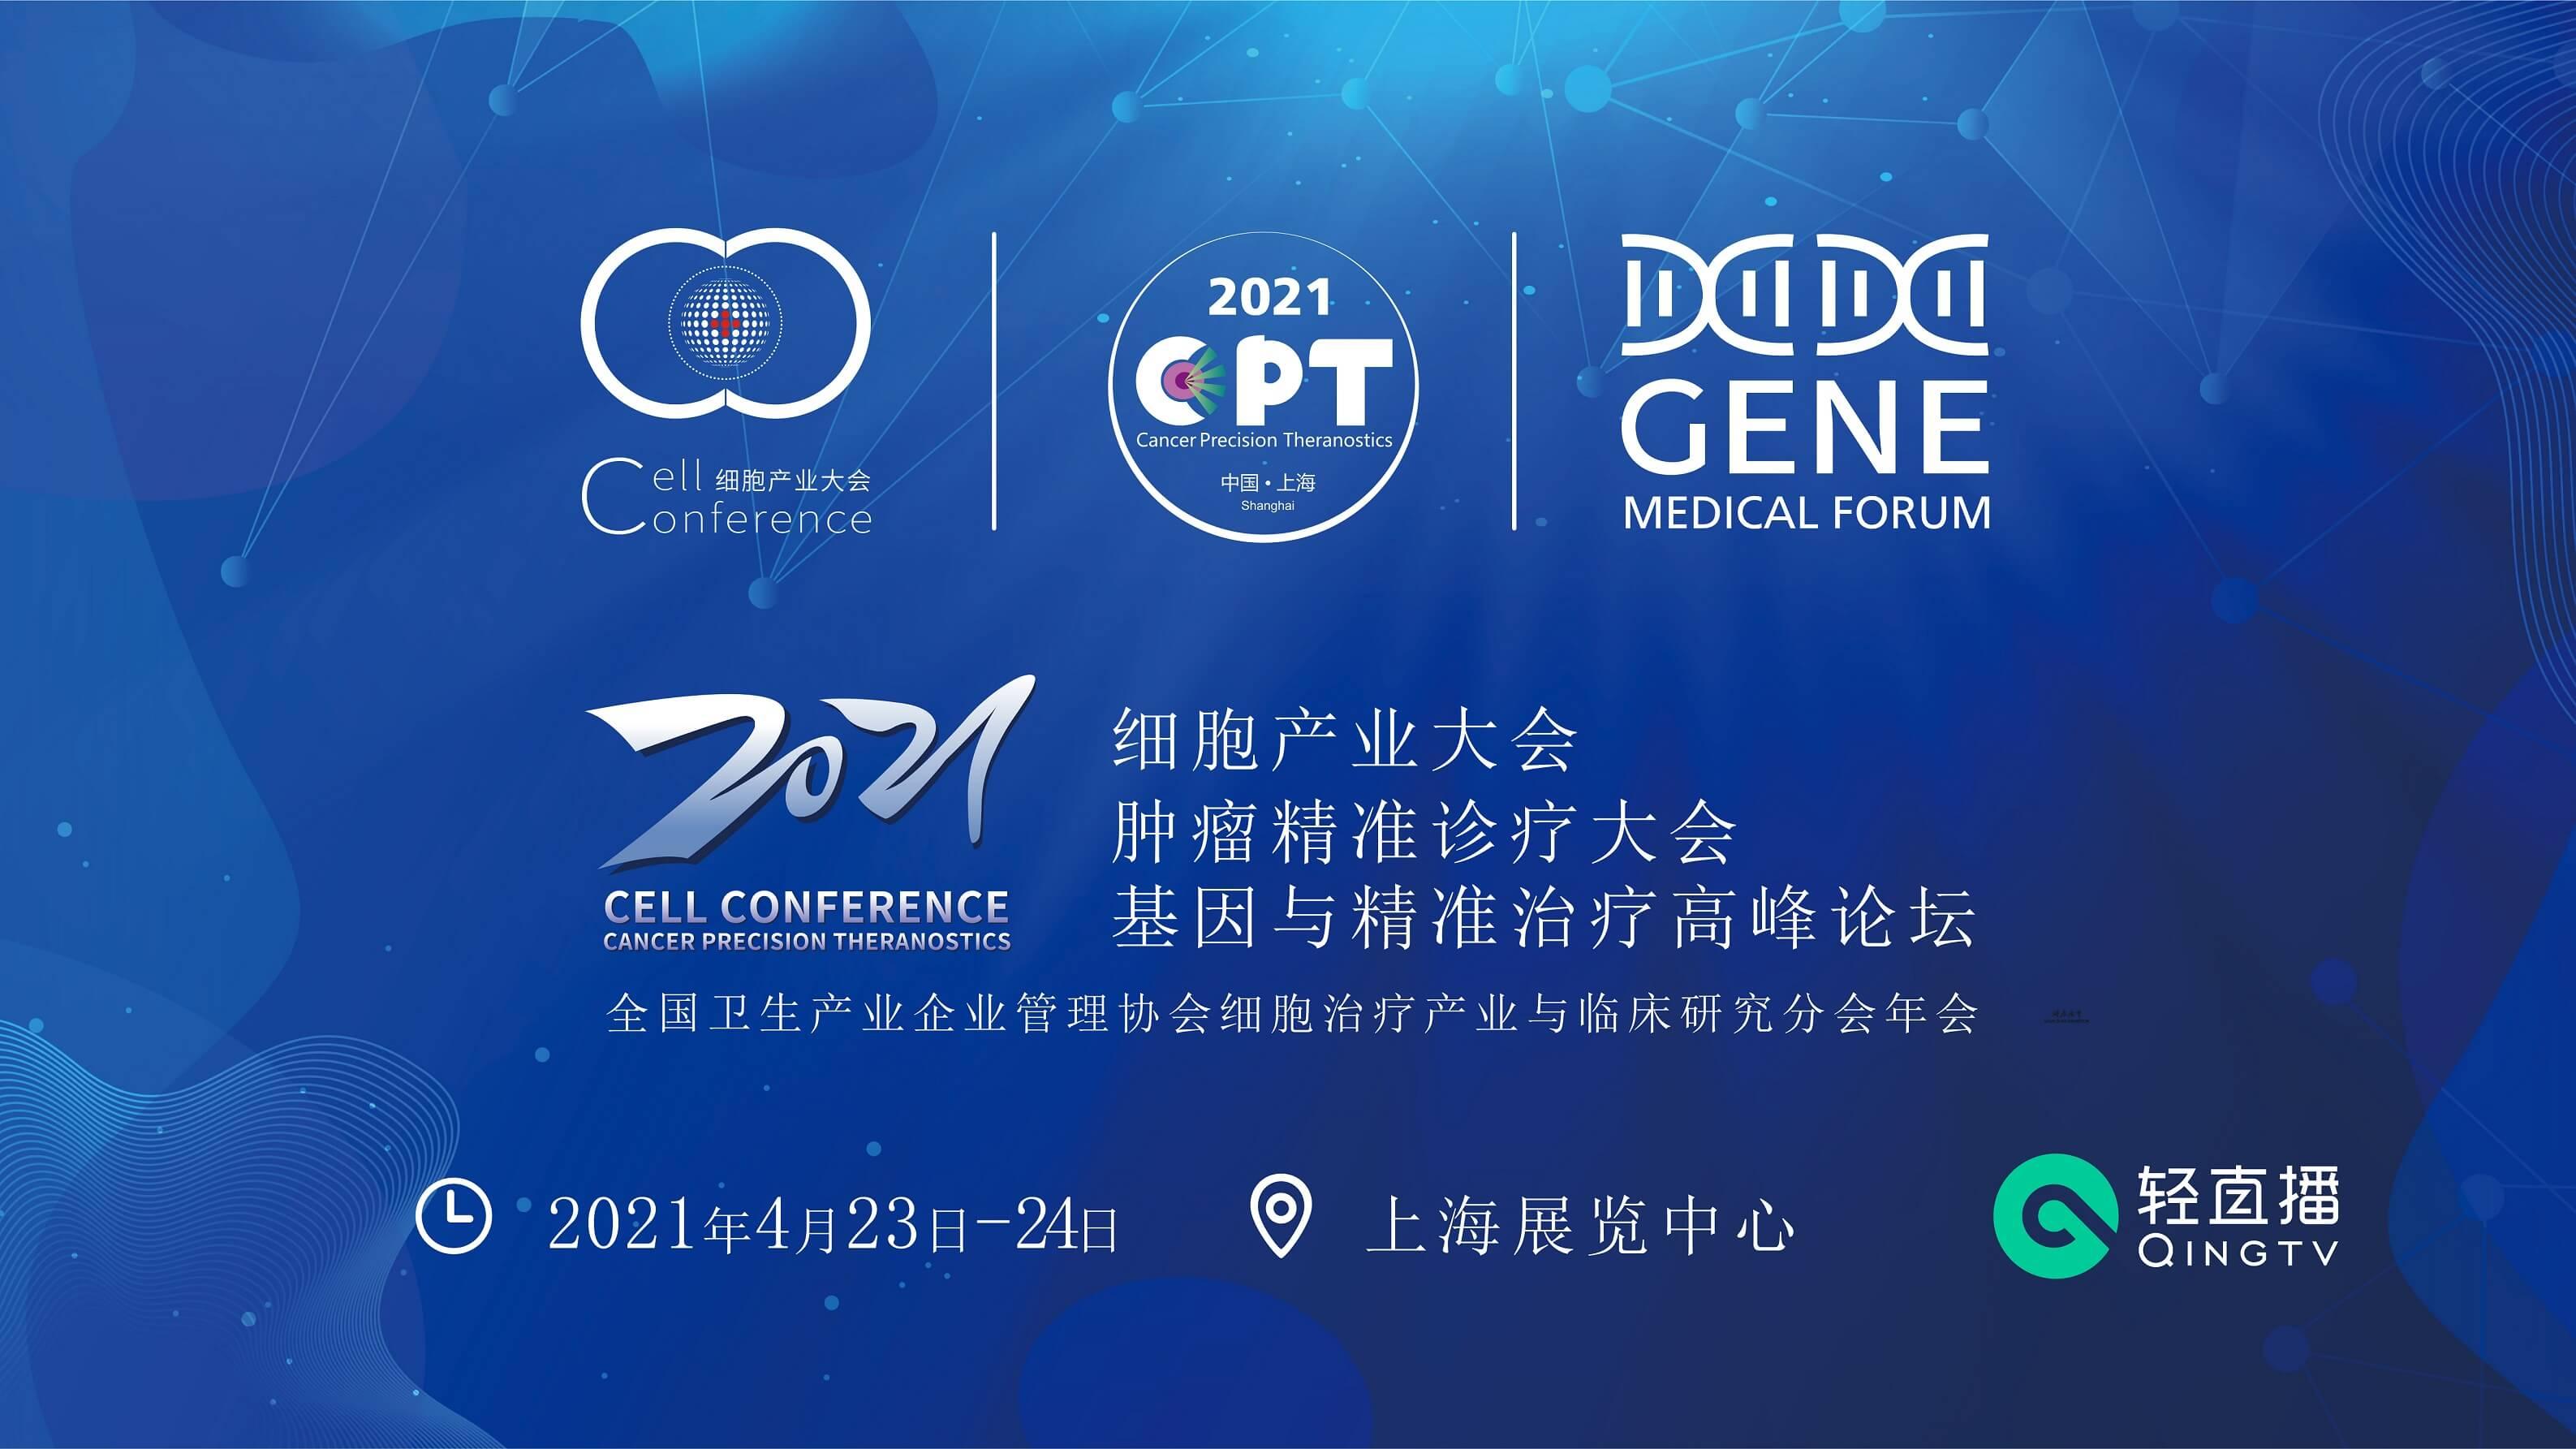 坚守初心·点亮直播 | 行邦通讯助力2021细胞产业大会顺利召开